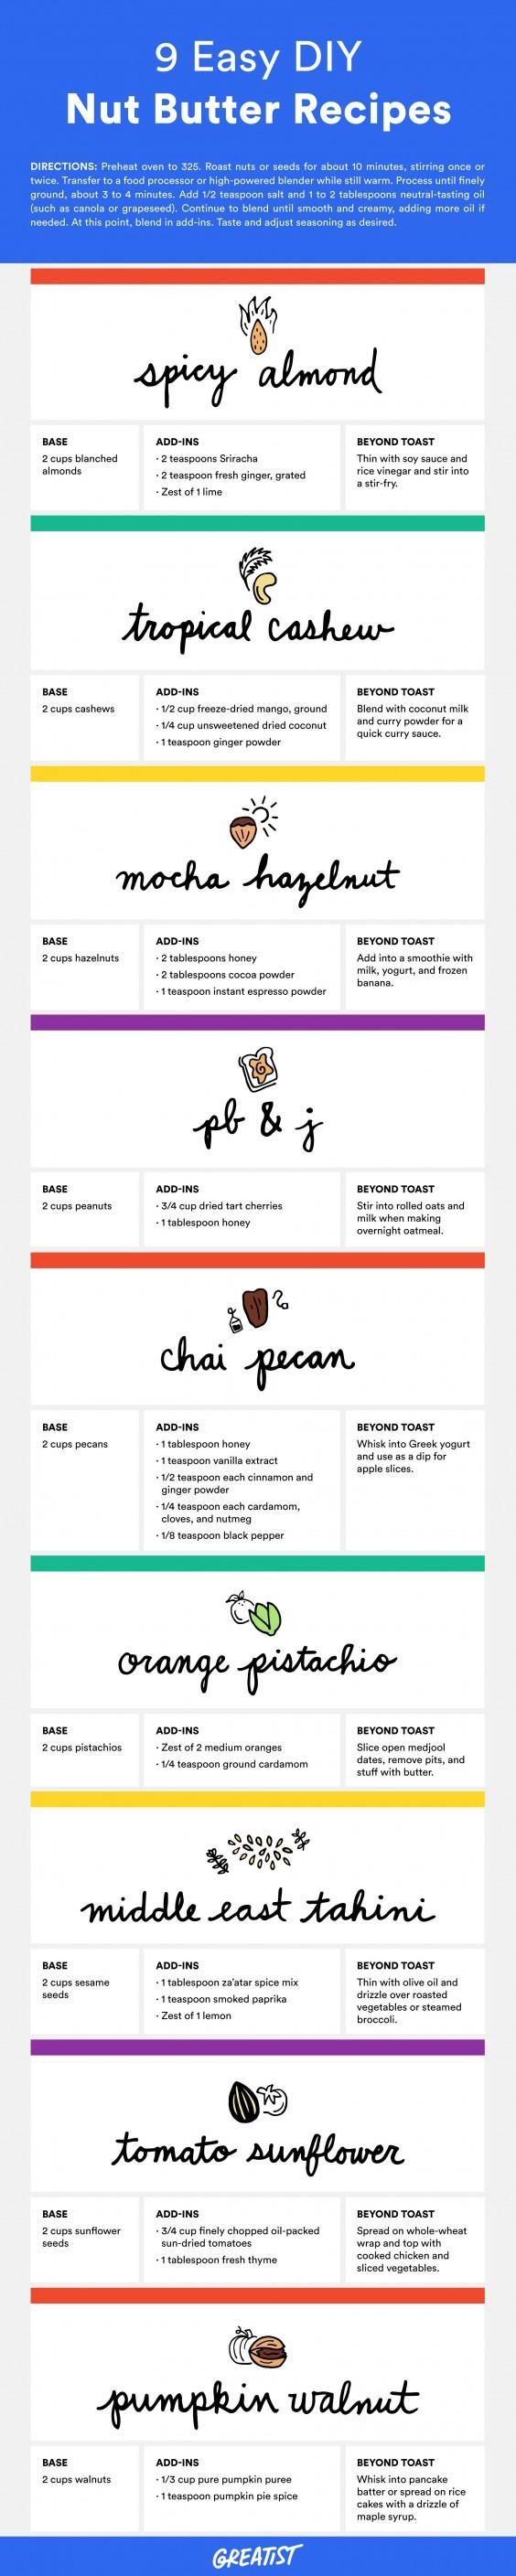 9 Easy DIY Nut Butter Recipes